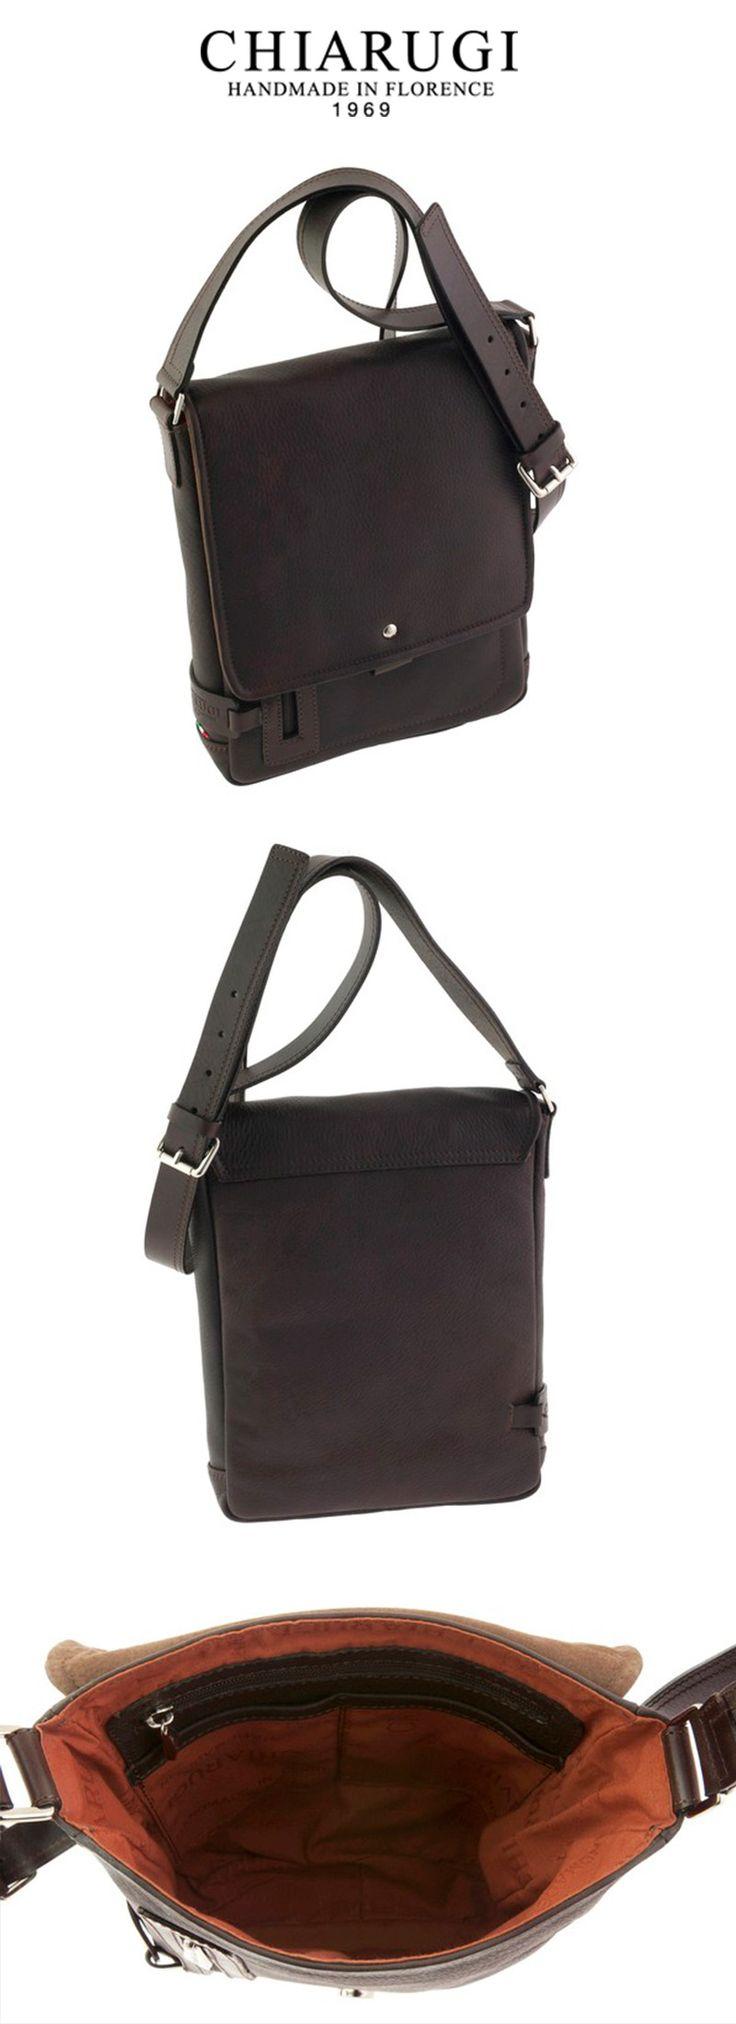 Borsa Chiarugi Firenze - borsa uomo in pelle #leatherbag #madeinitaly